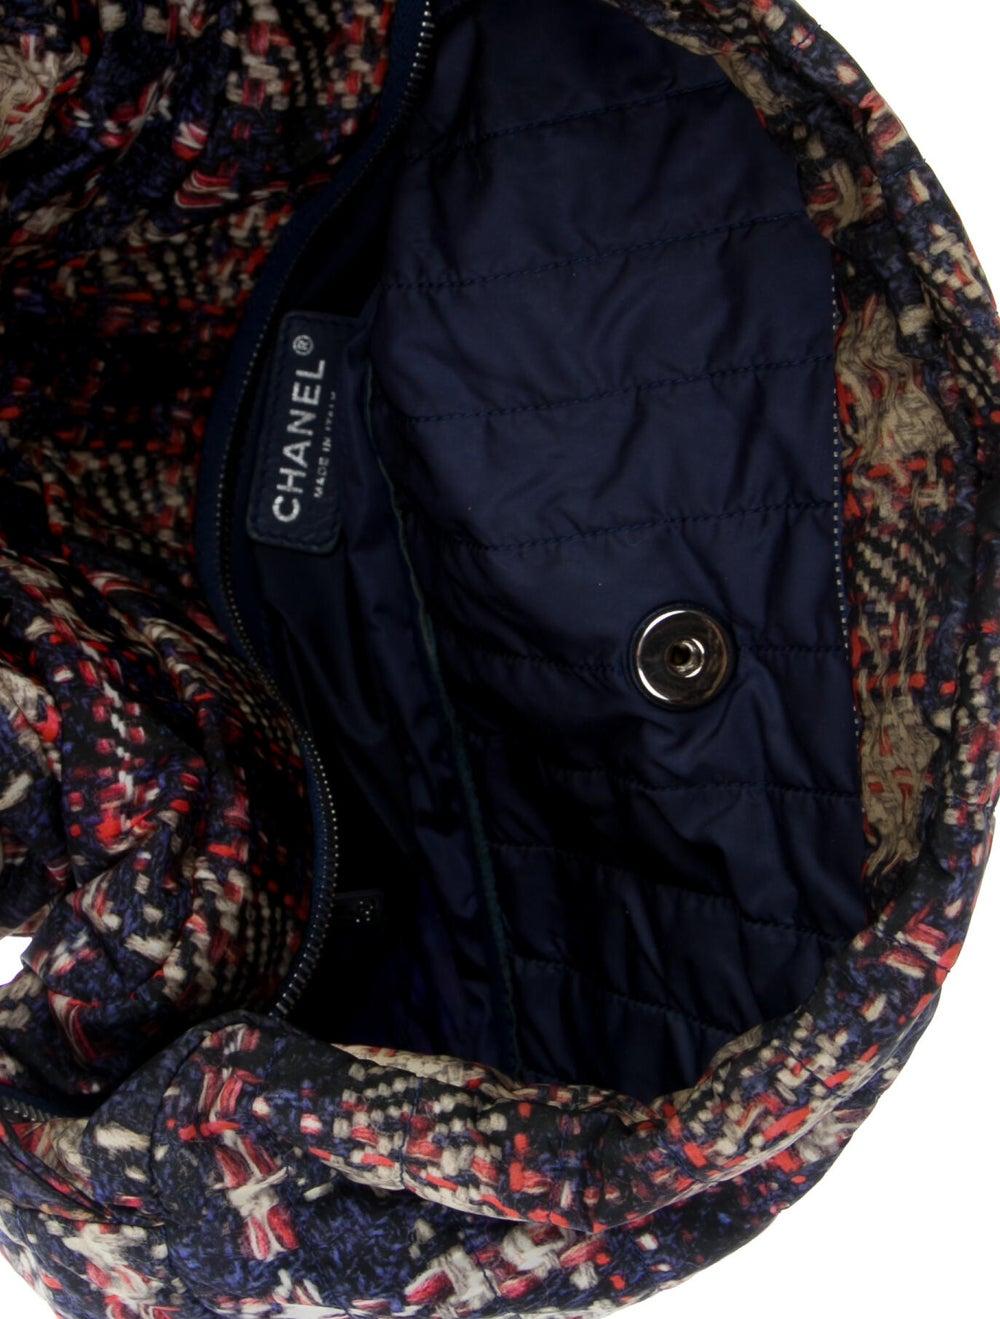 Chanel Large Nylon Tweed Flap Bag Blue - image 5